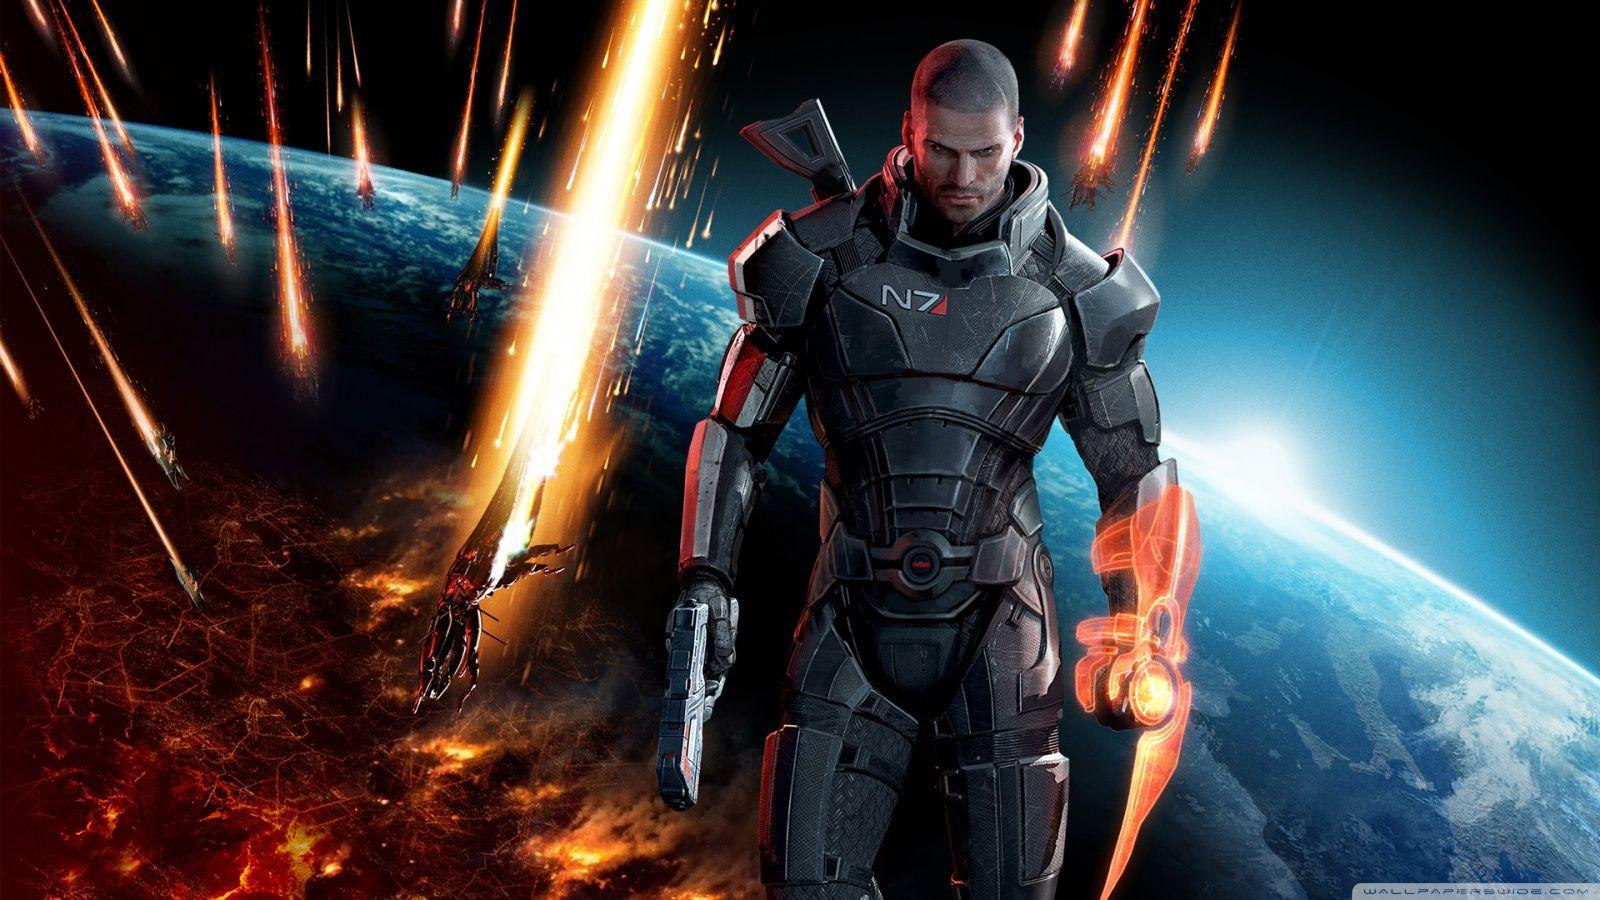 Mass Effect HD desktop wallpaper Widescreen High Definition